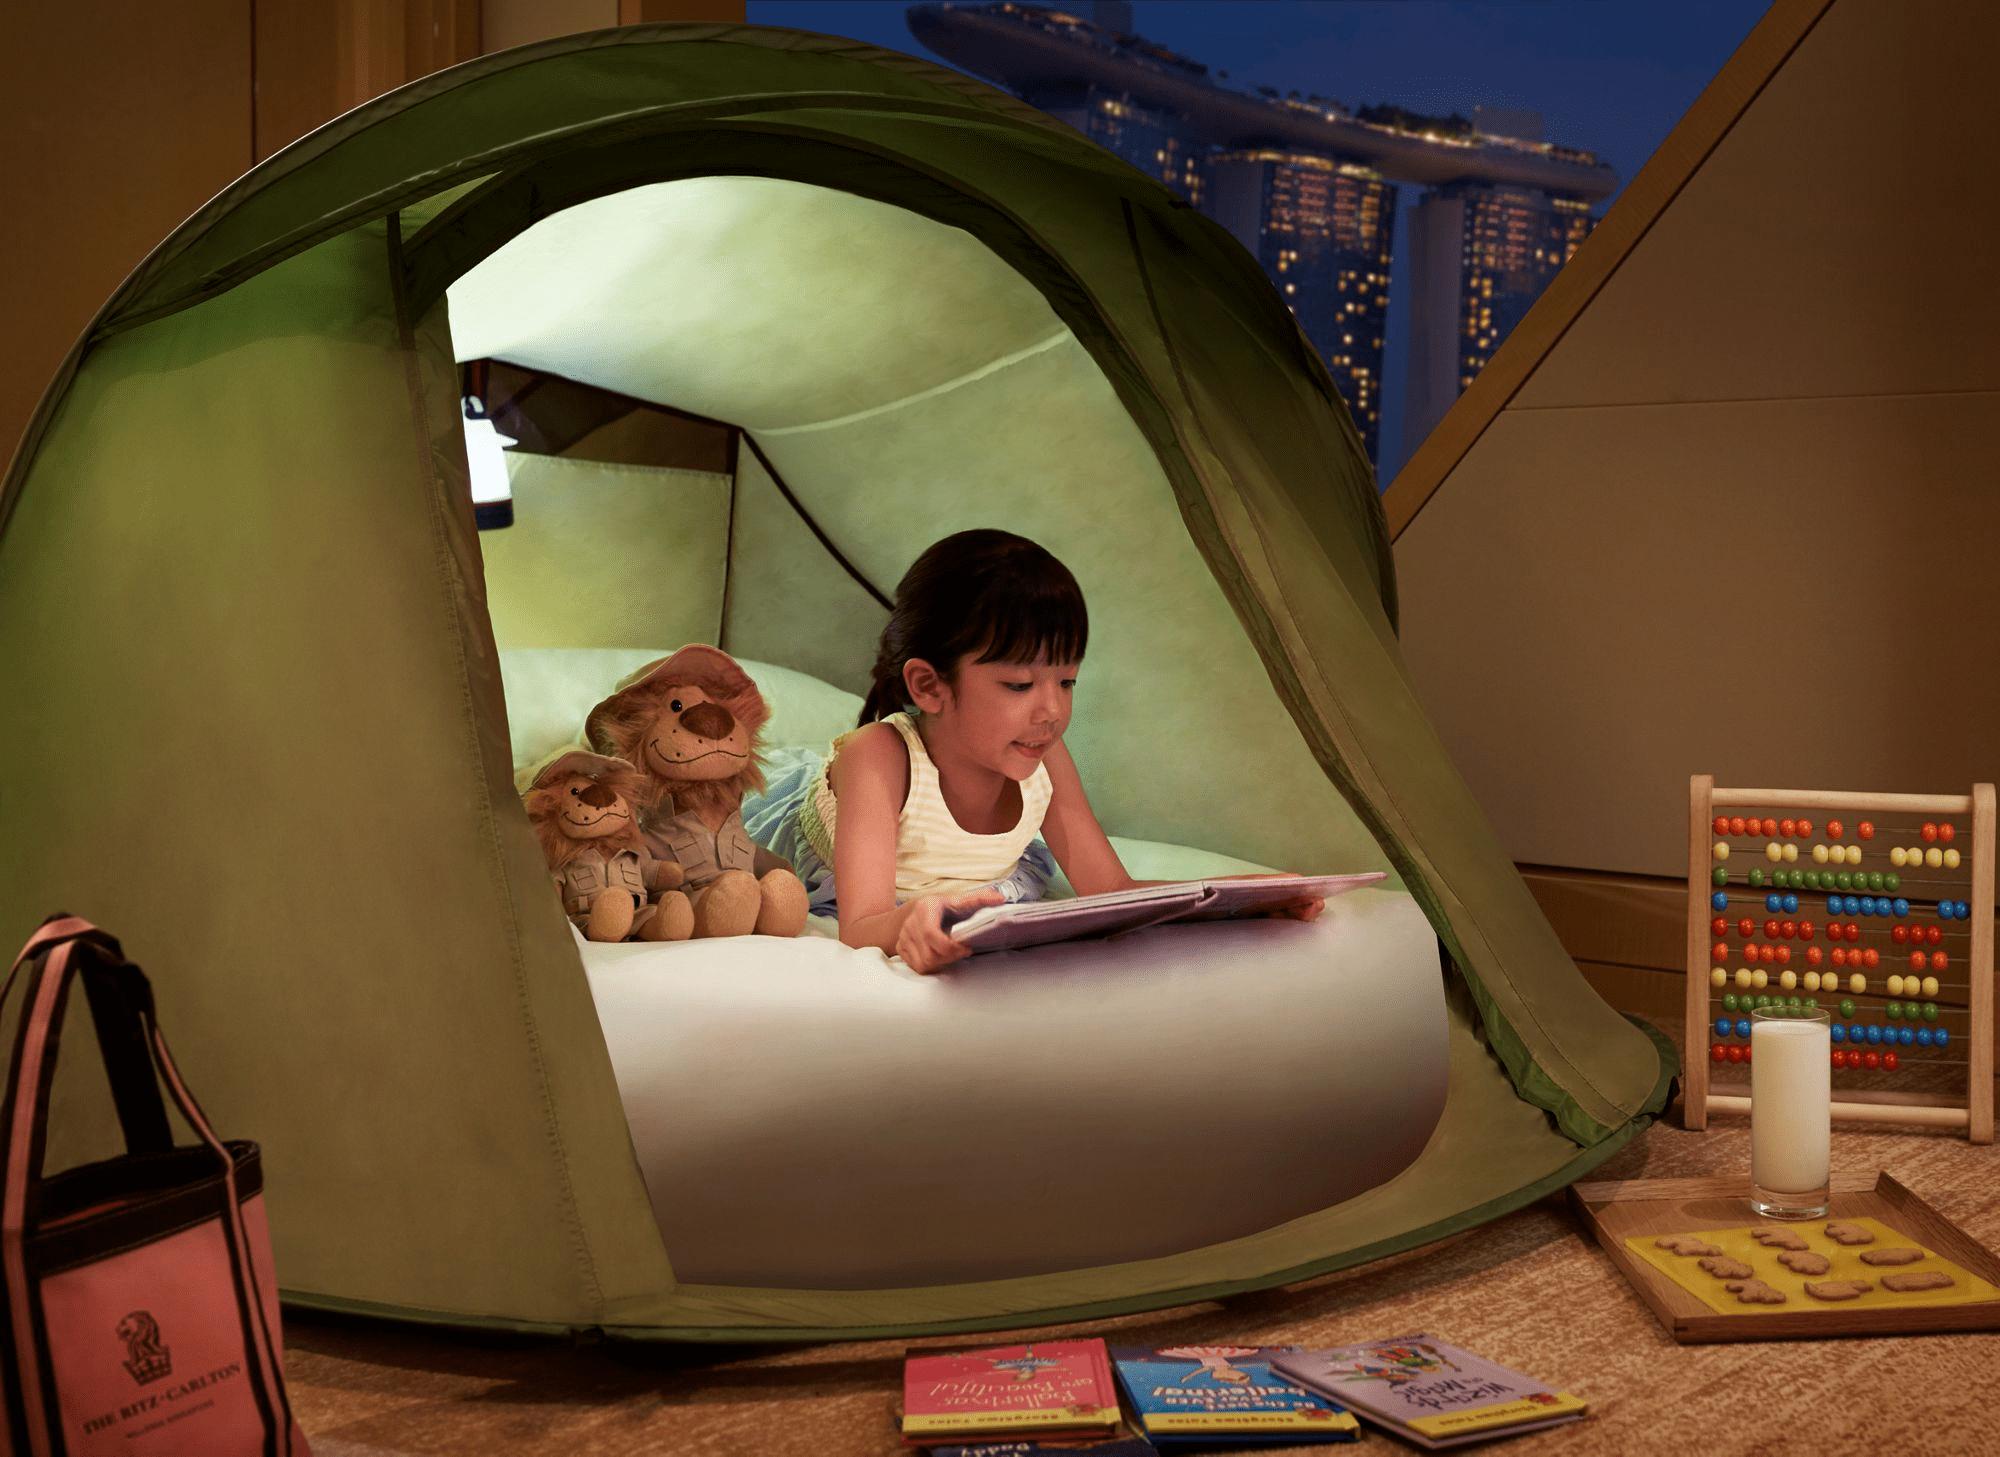 Ritz Carlton Kids Sleeping Tent